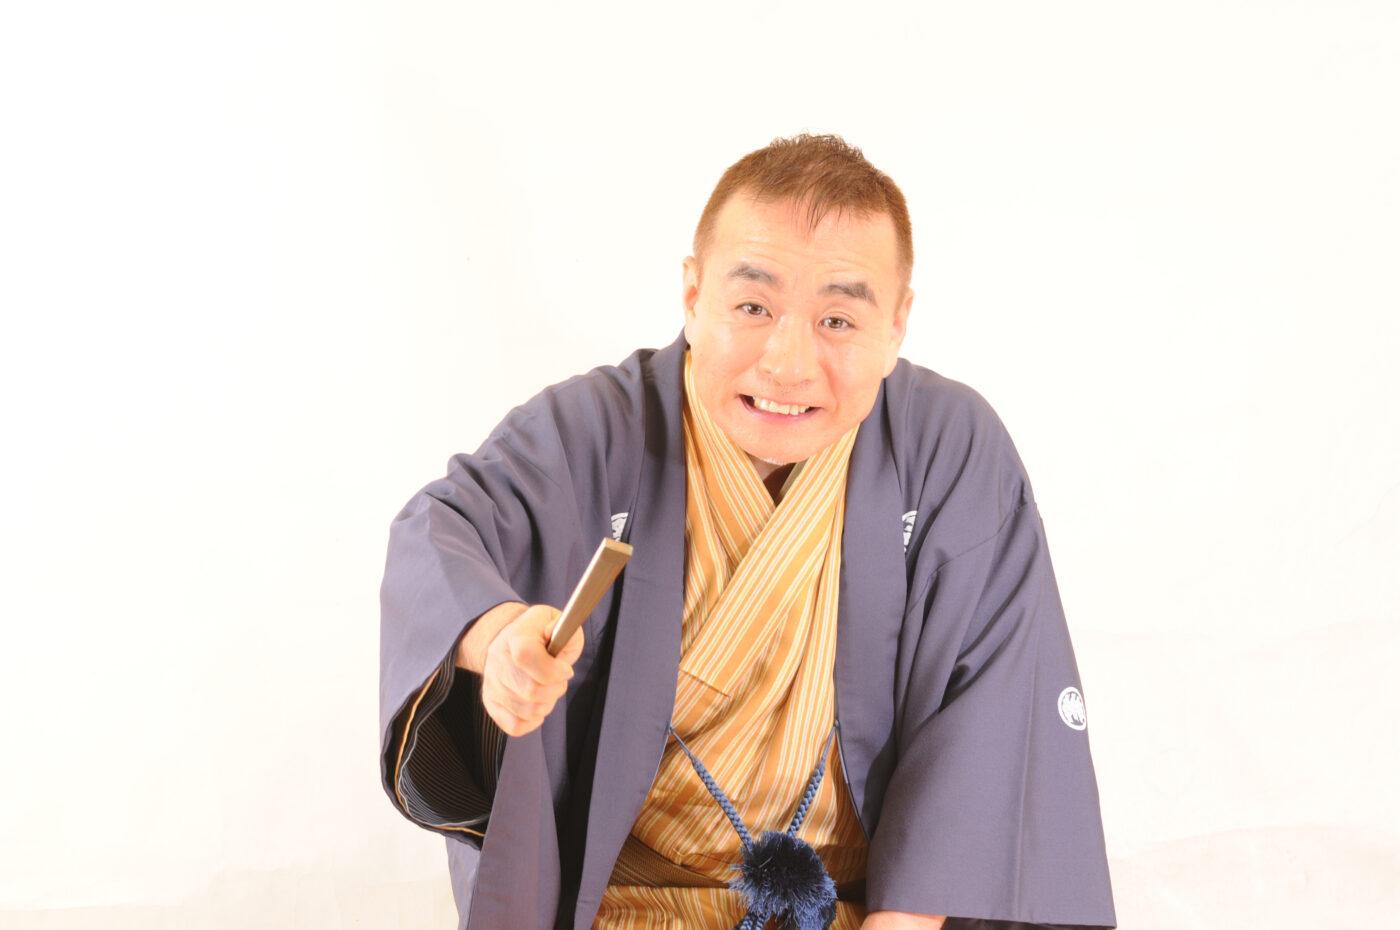 【小説 書こう と思っている方参考に】立川談慶さん 初の小説を上梓